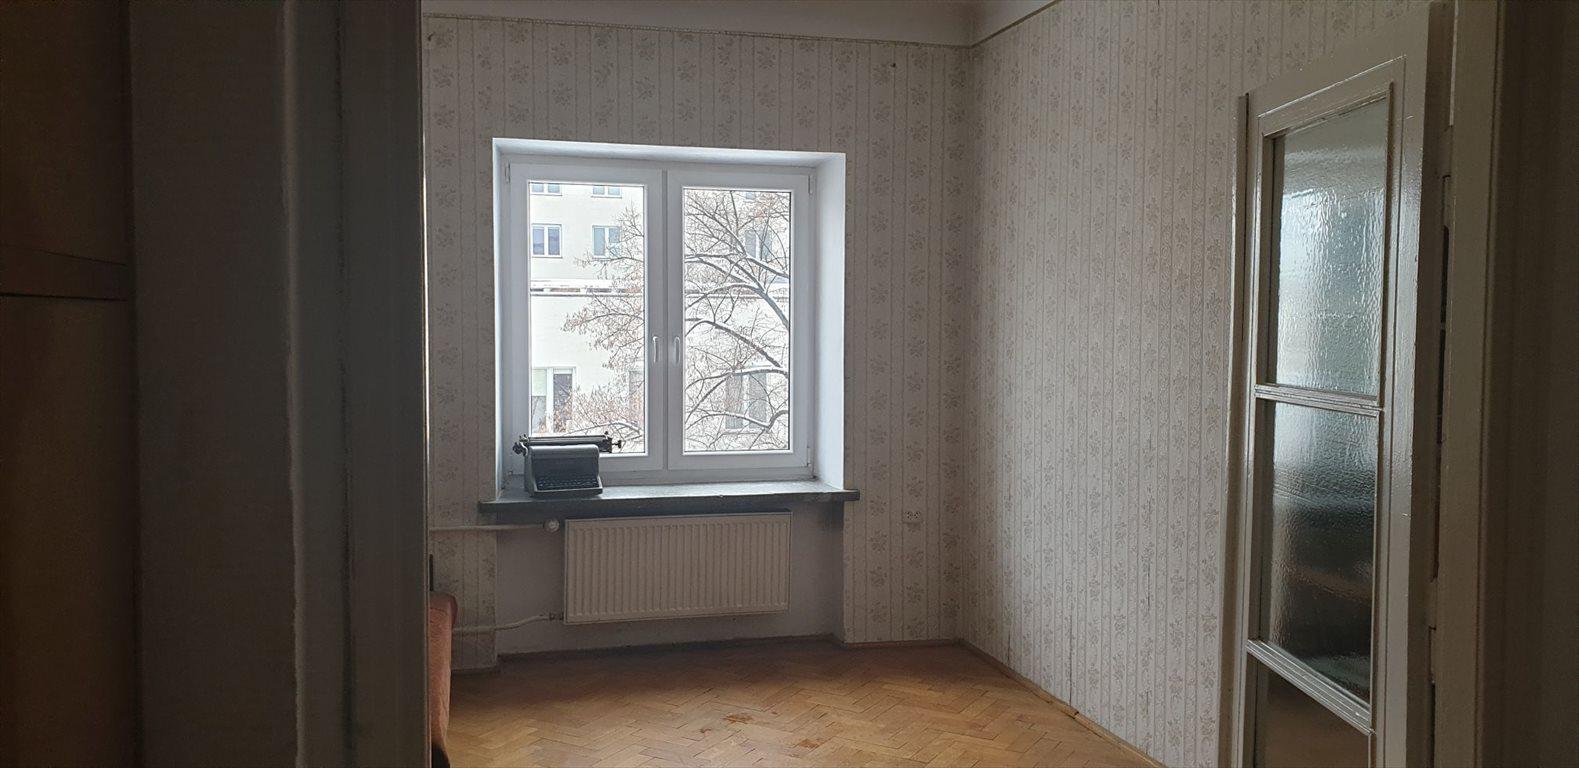 Mieszkanie trzypokojowe na sprzedaż Warszawa, Śródmieście, Warecka/ Nowy Świat  64m2 Foto 3